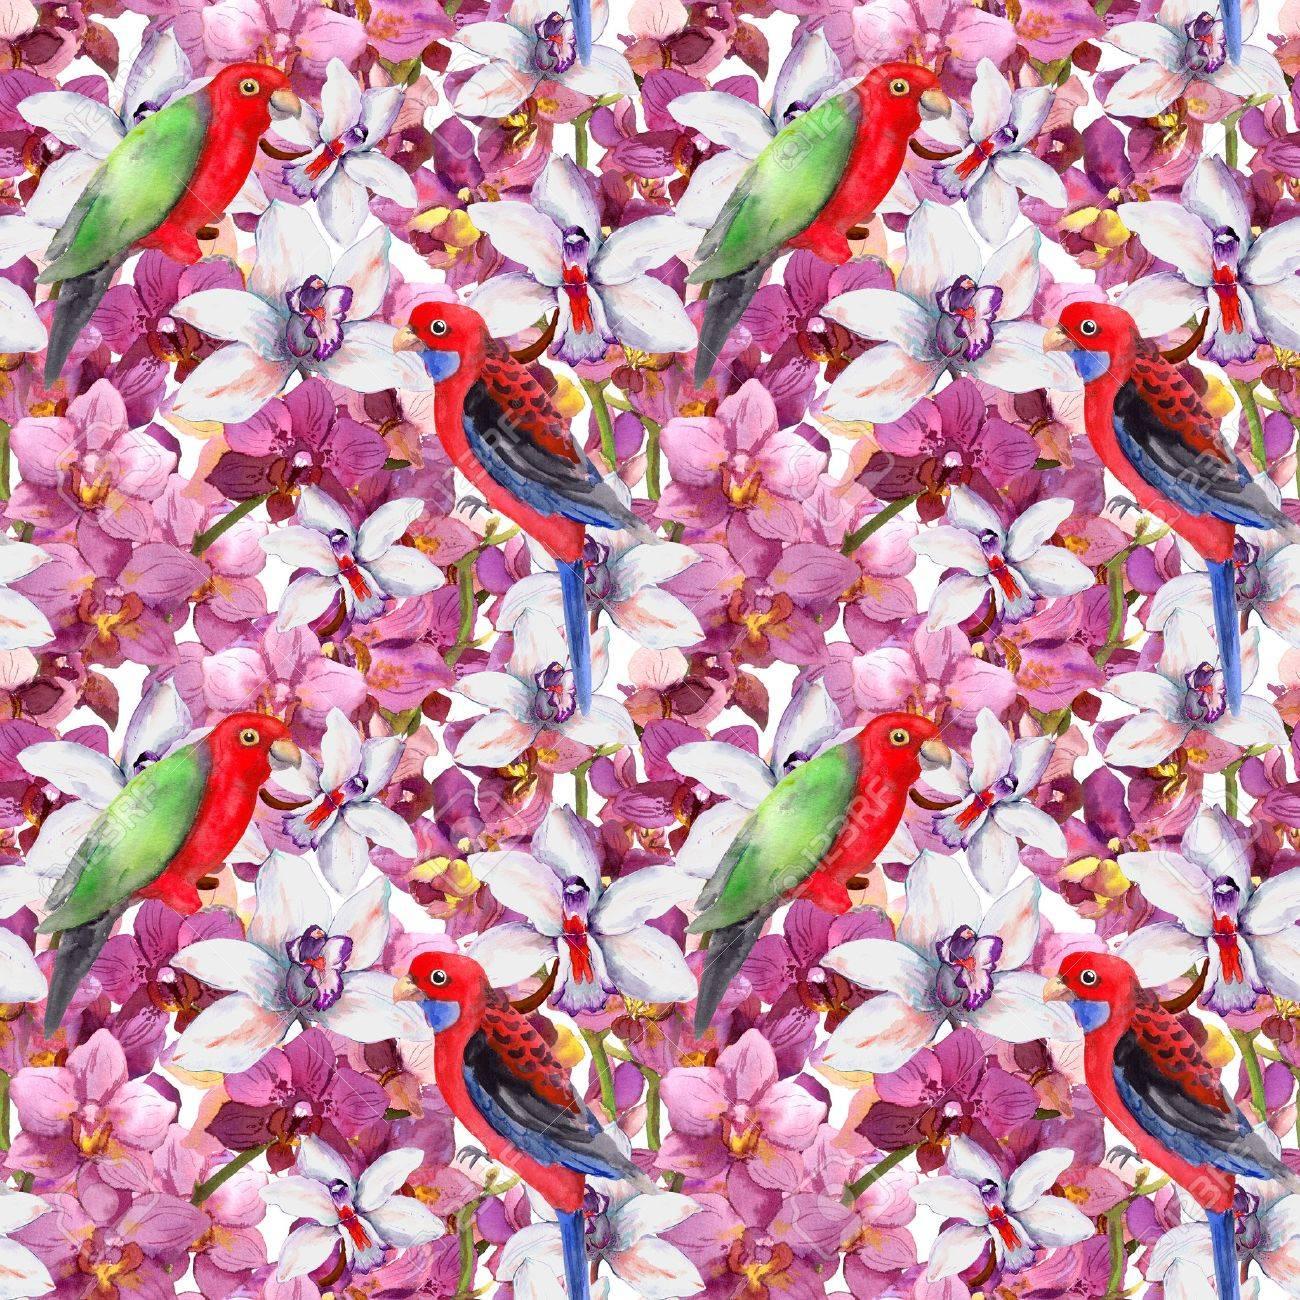 Motif Extensible Floral Exotique Oiseau Perroquet Fleurs D Orchidees En Fleurs Fond D Ecran Sans Couture A L Aquarelle Banque D Images Et Photos Libres De Droits Image 45666208